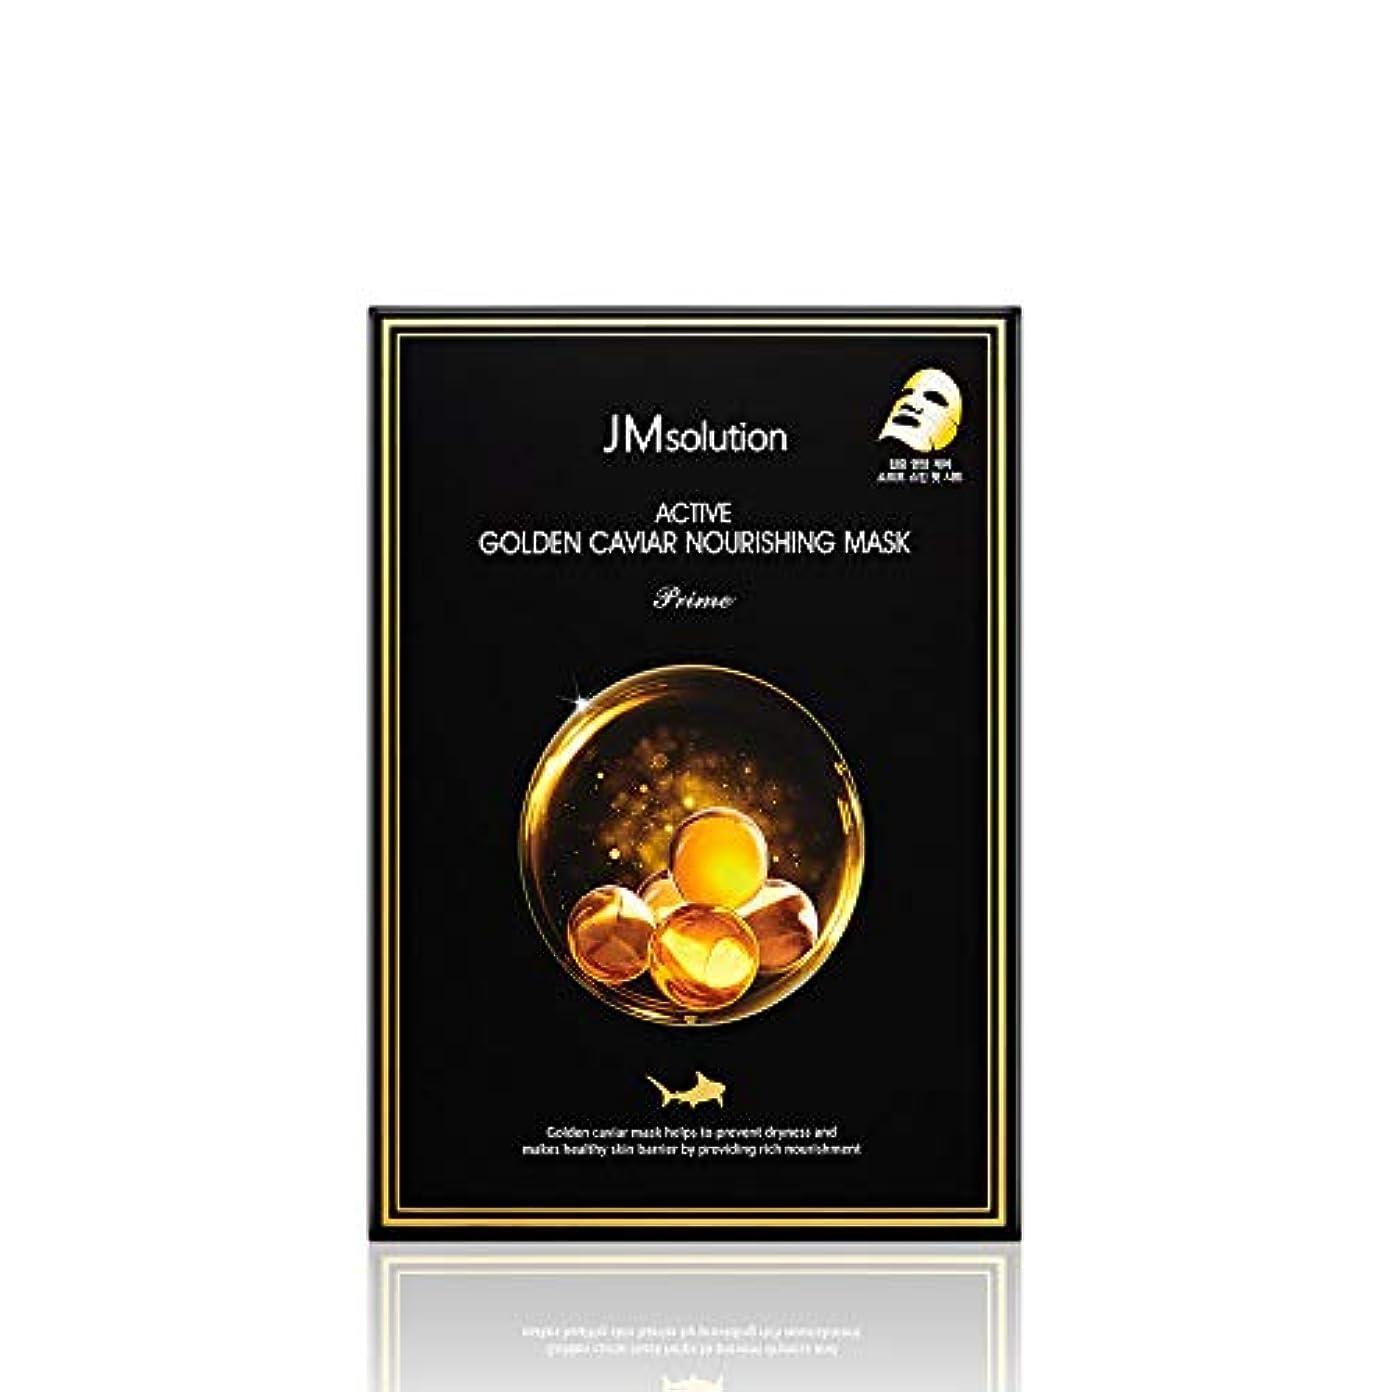 ペネロペ少数家JMソリューション(JM Solution) 乾燥肌のためのアクティブゴールデンキャビア栄養マスクプライム 30mlx10P / Active Golden Caviar Nourishing Mask Prime For...